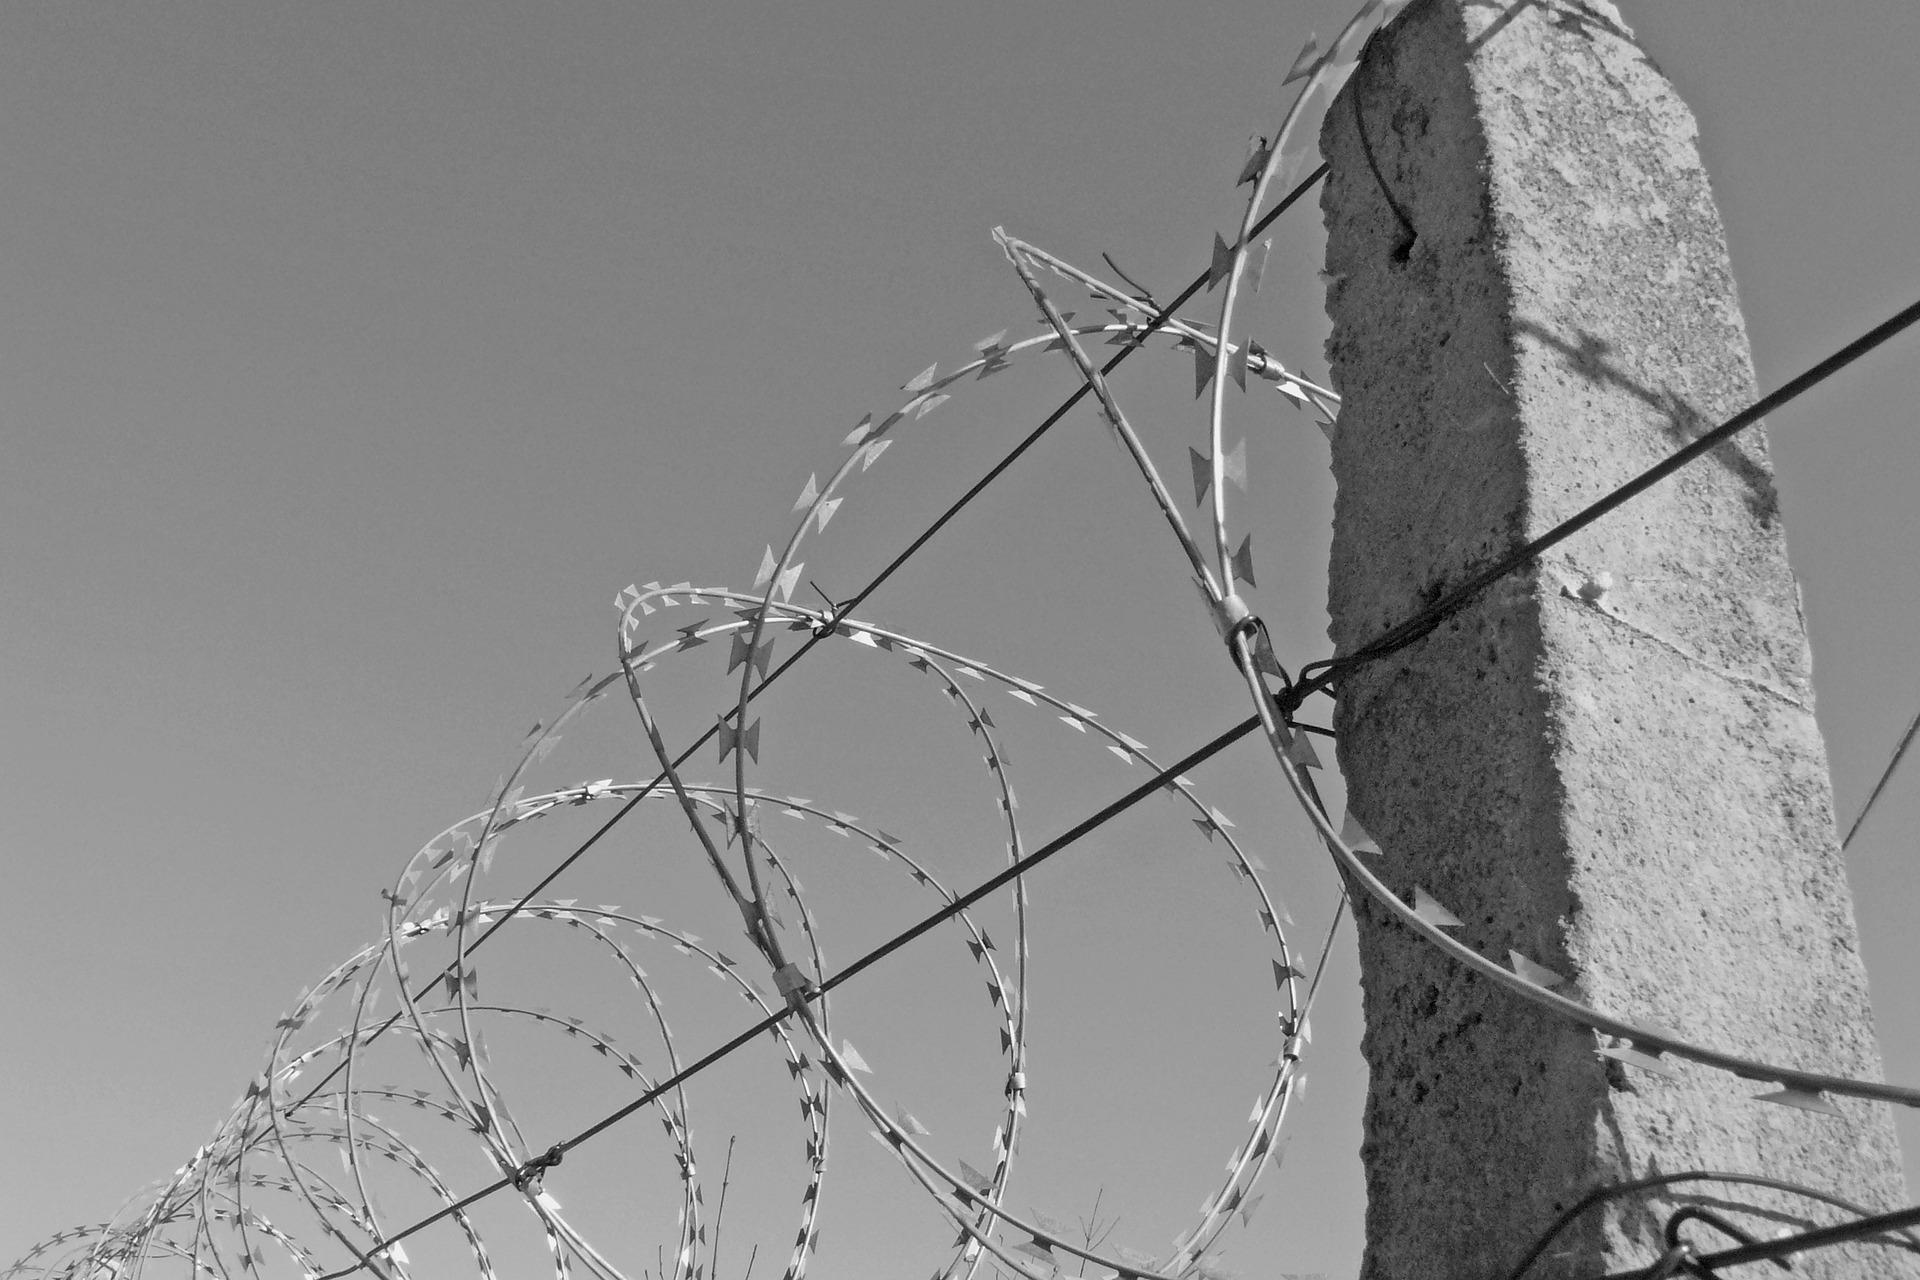 Nachholung der Strafvollstreckung bei legaler Rückkehr